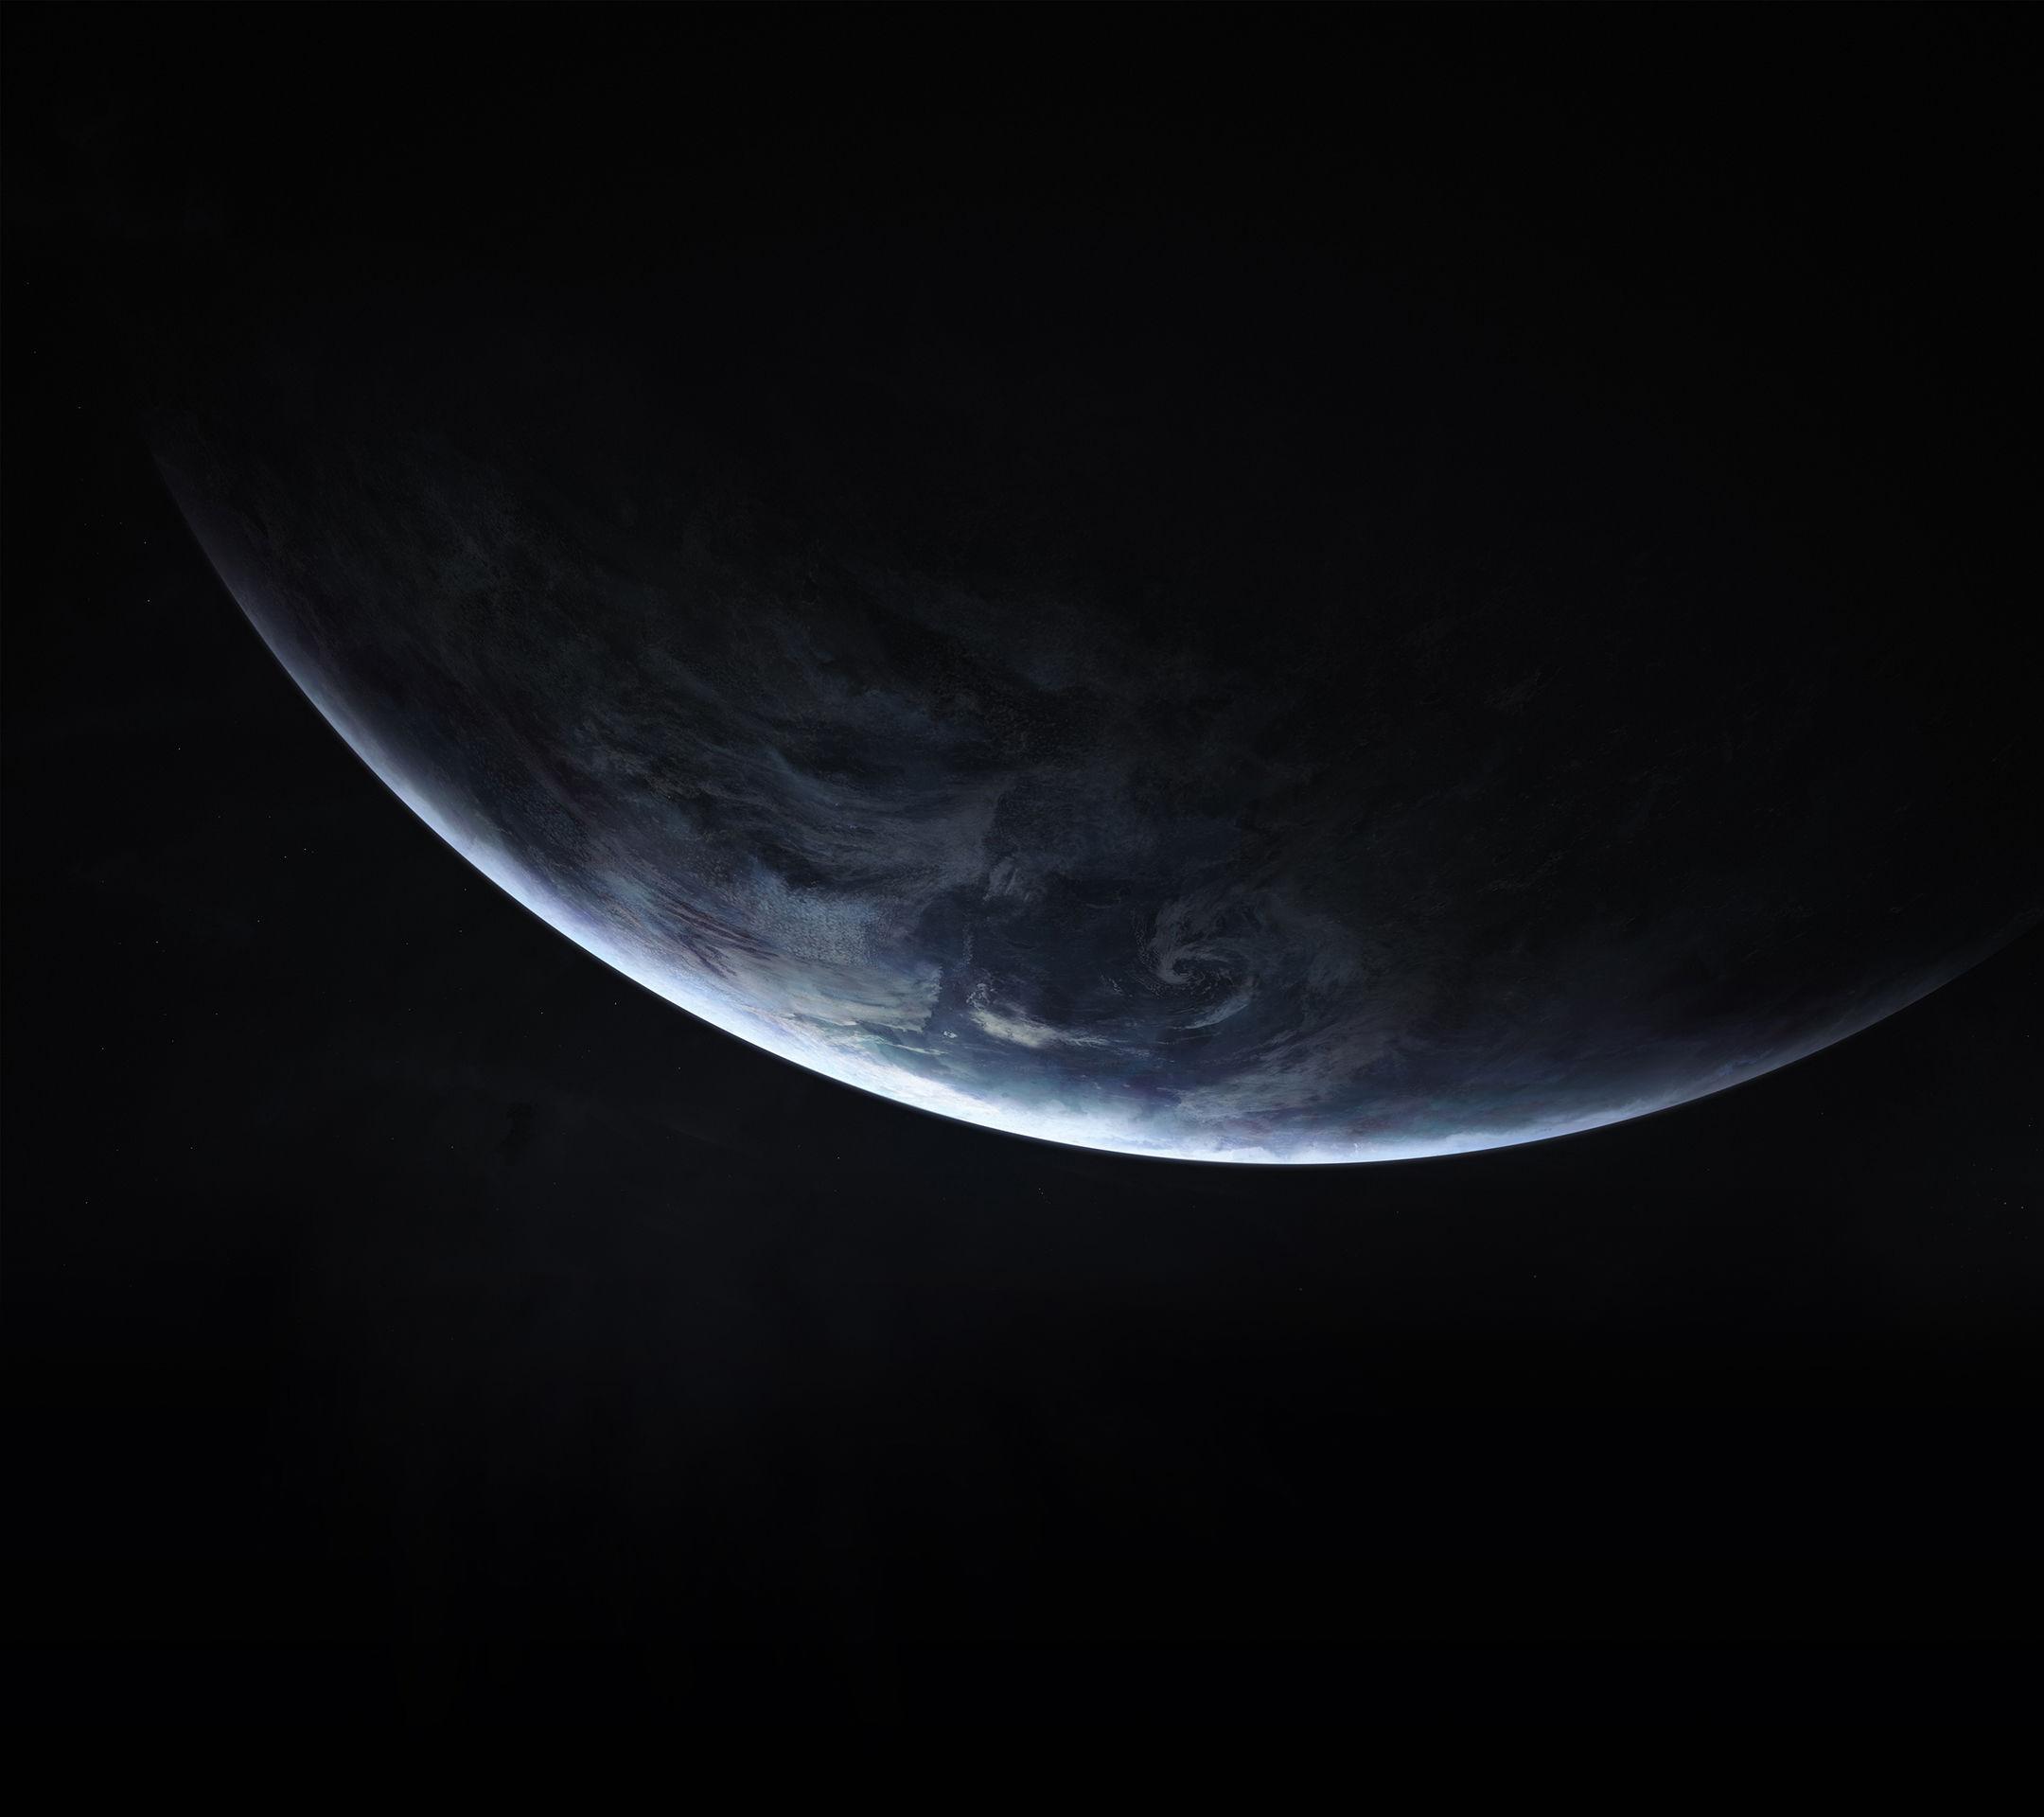 高清美妙星体手机壁纸,探索地球表面奥秘,喜欢的朋友快下载吧!